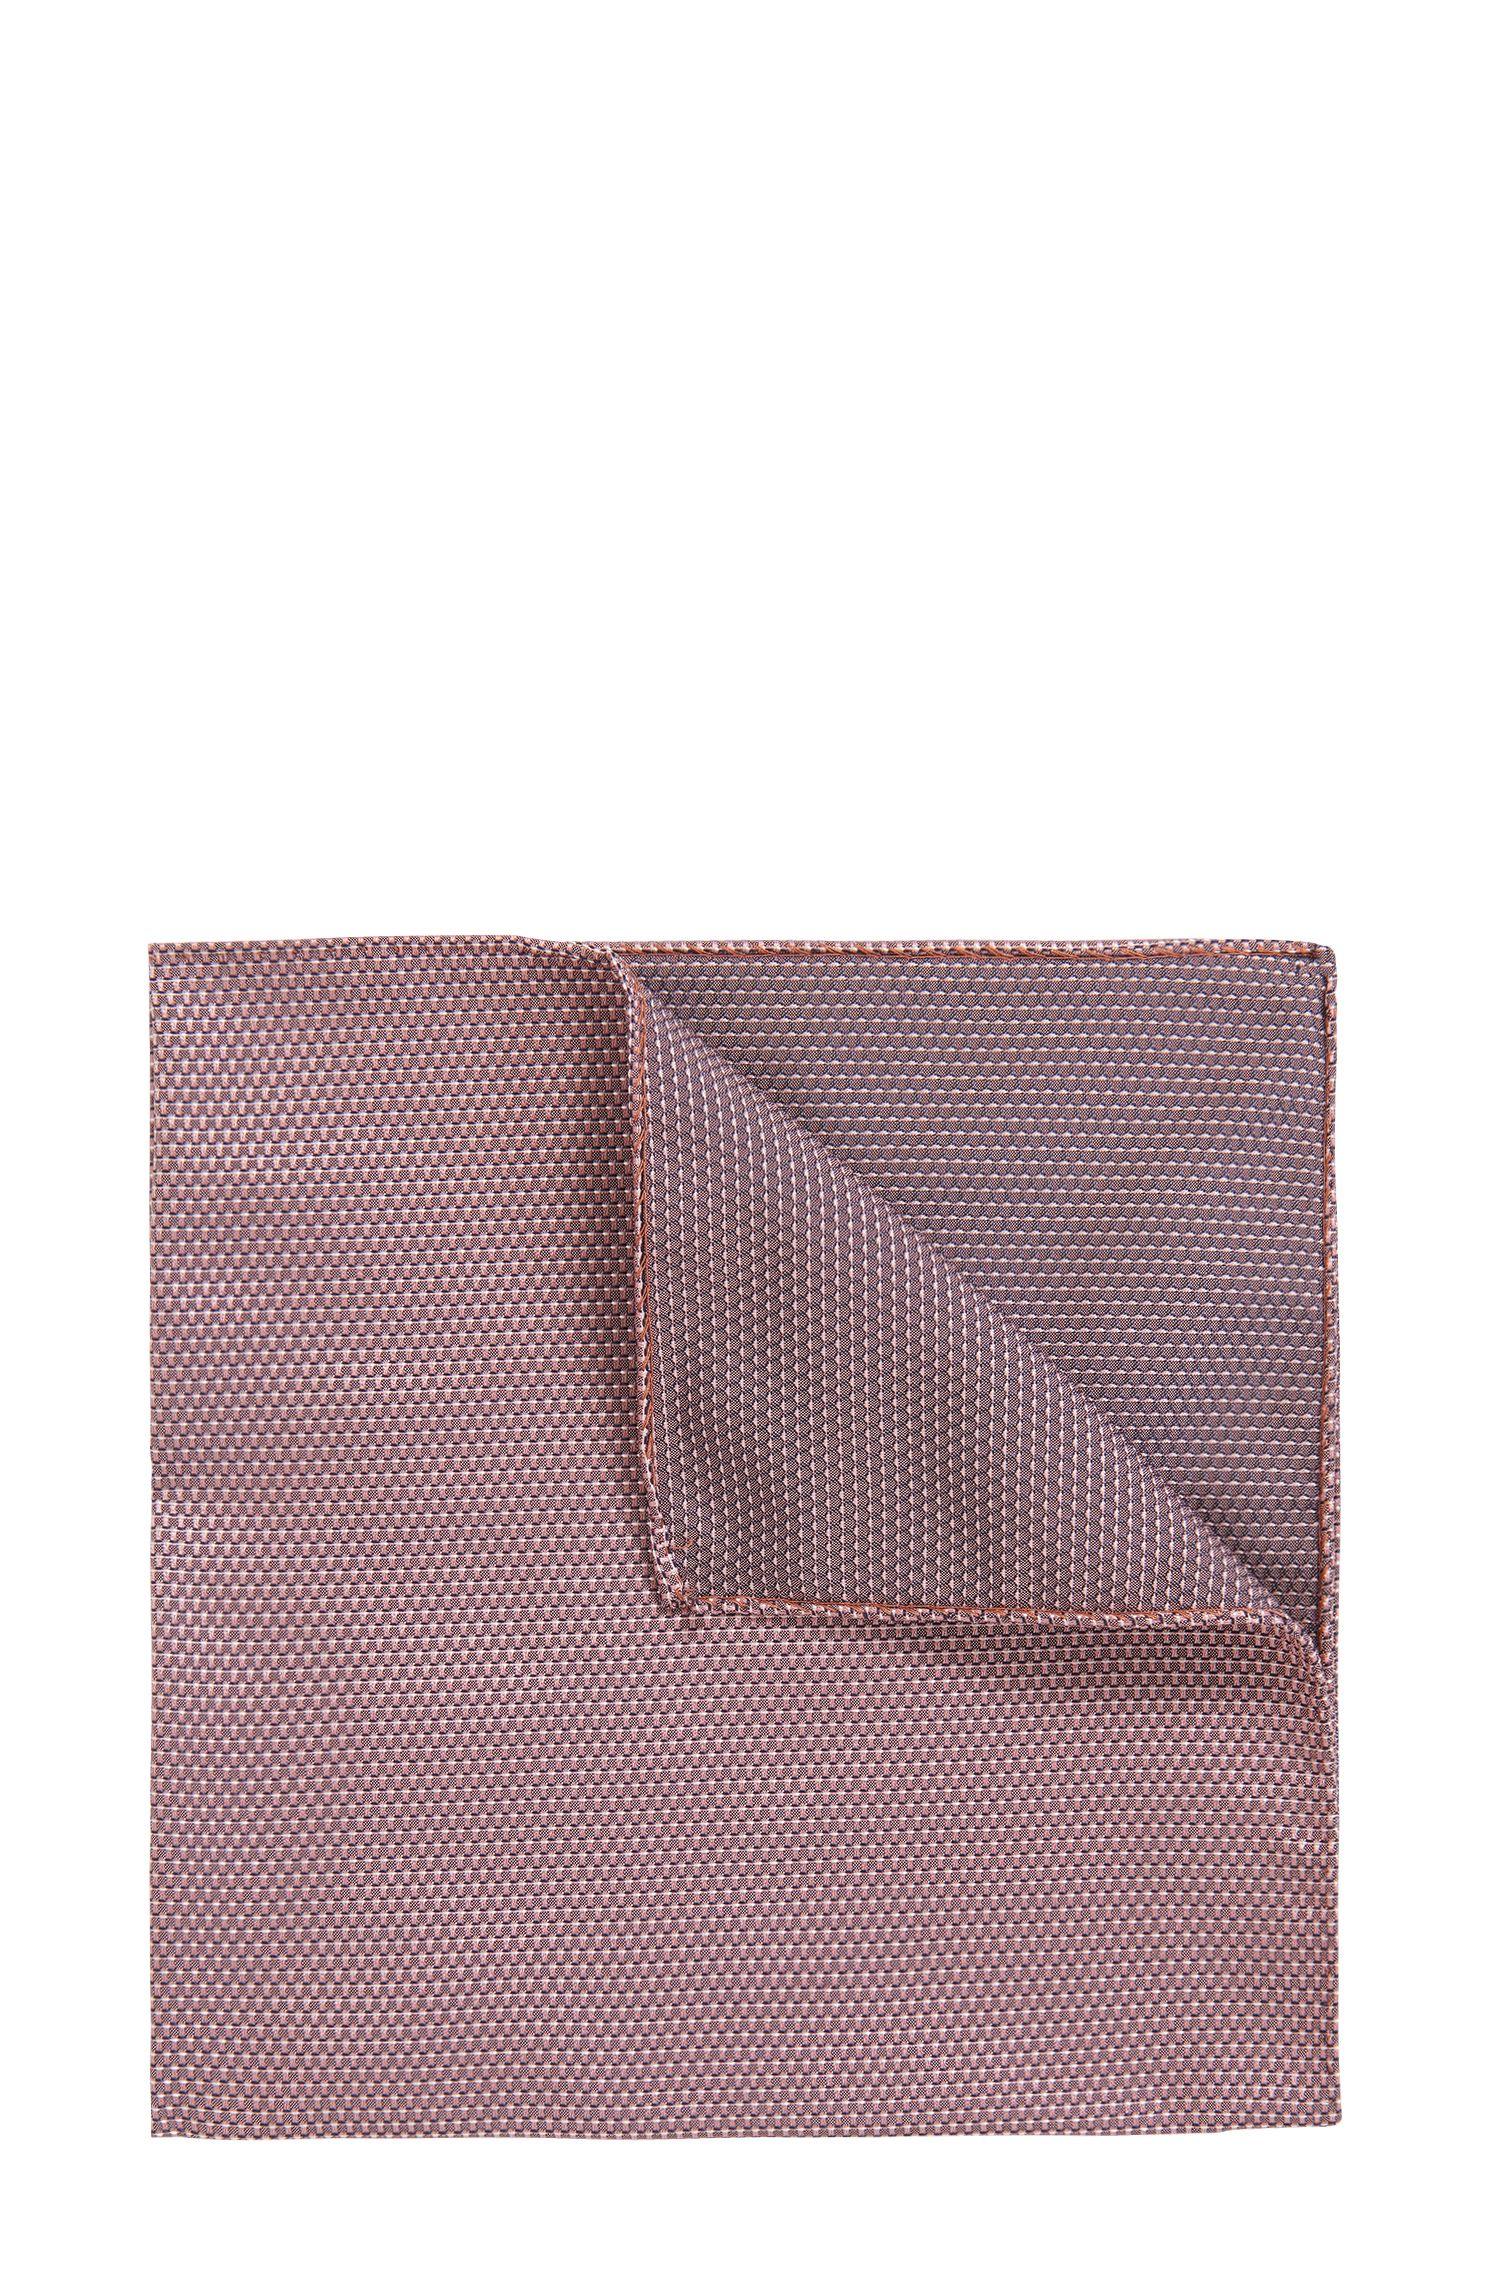 Zweiseitiges Einstecktuch aus Seiden-Jacquard mit feinem Muster